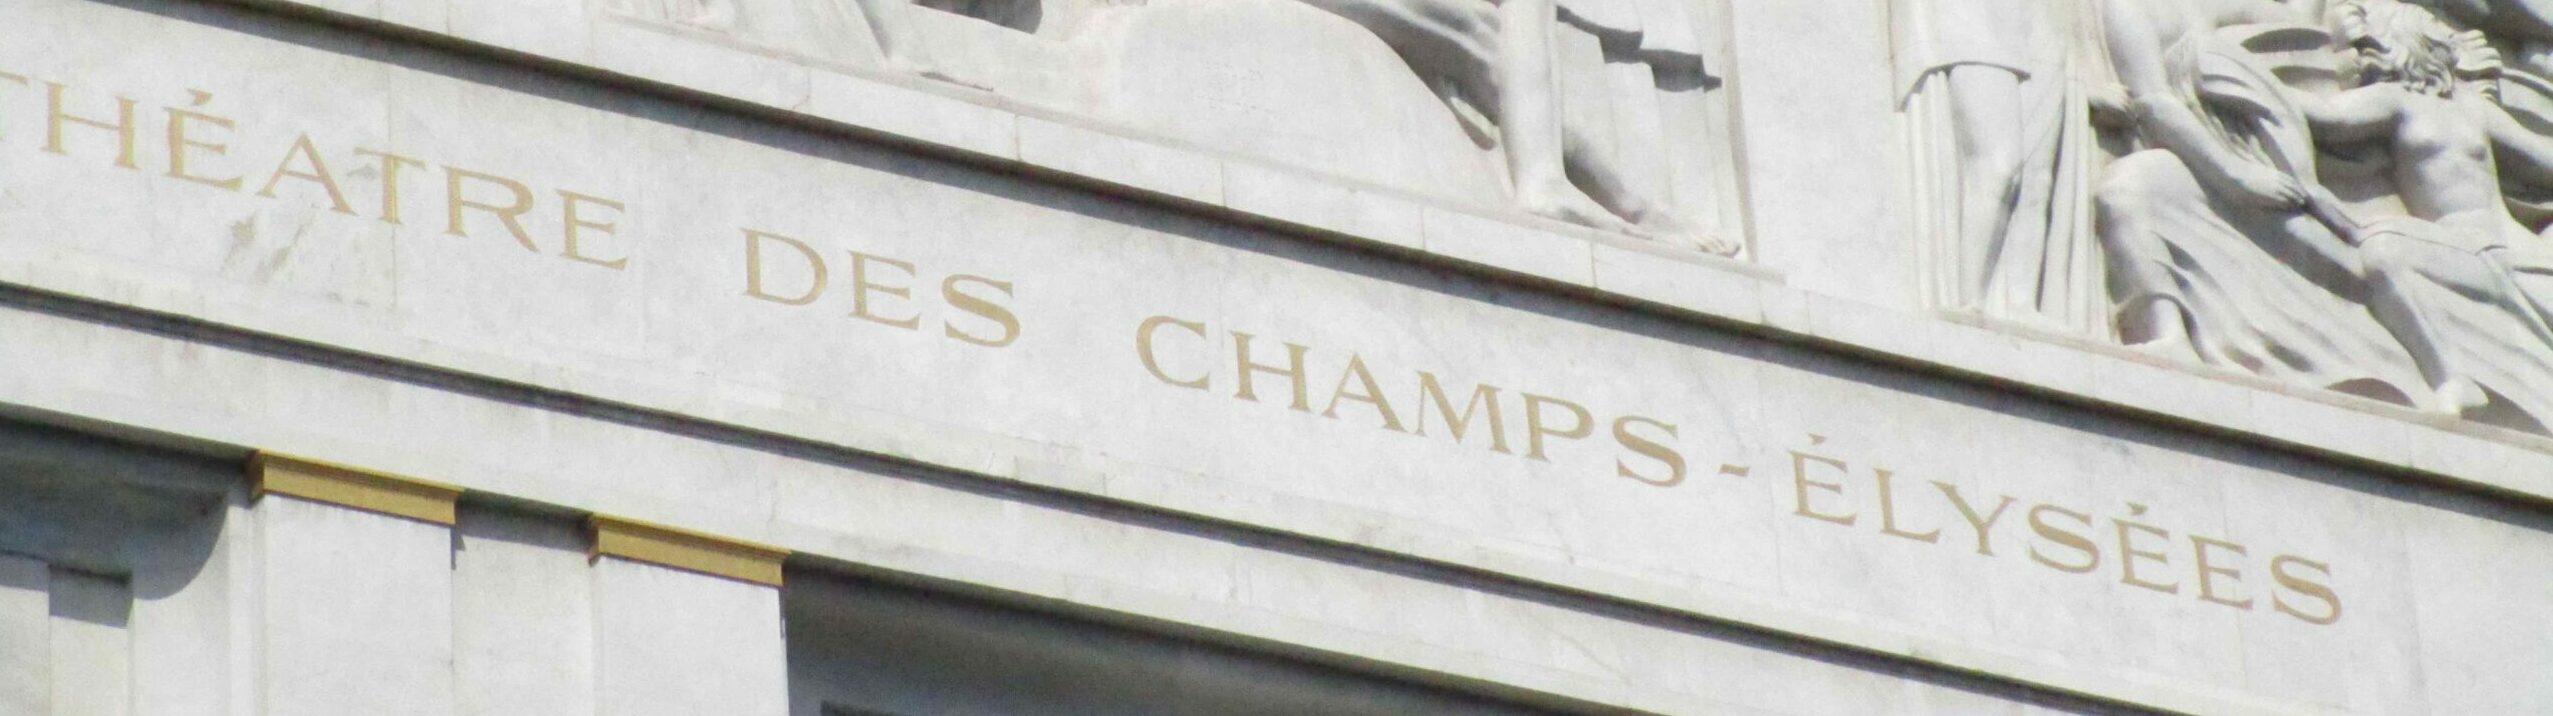 Read more about the article Le Théâtre des Champs-Élysées architecture